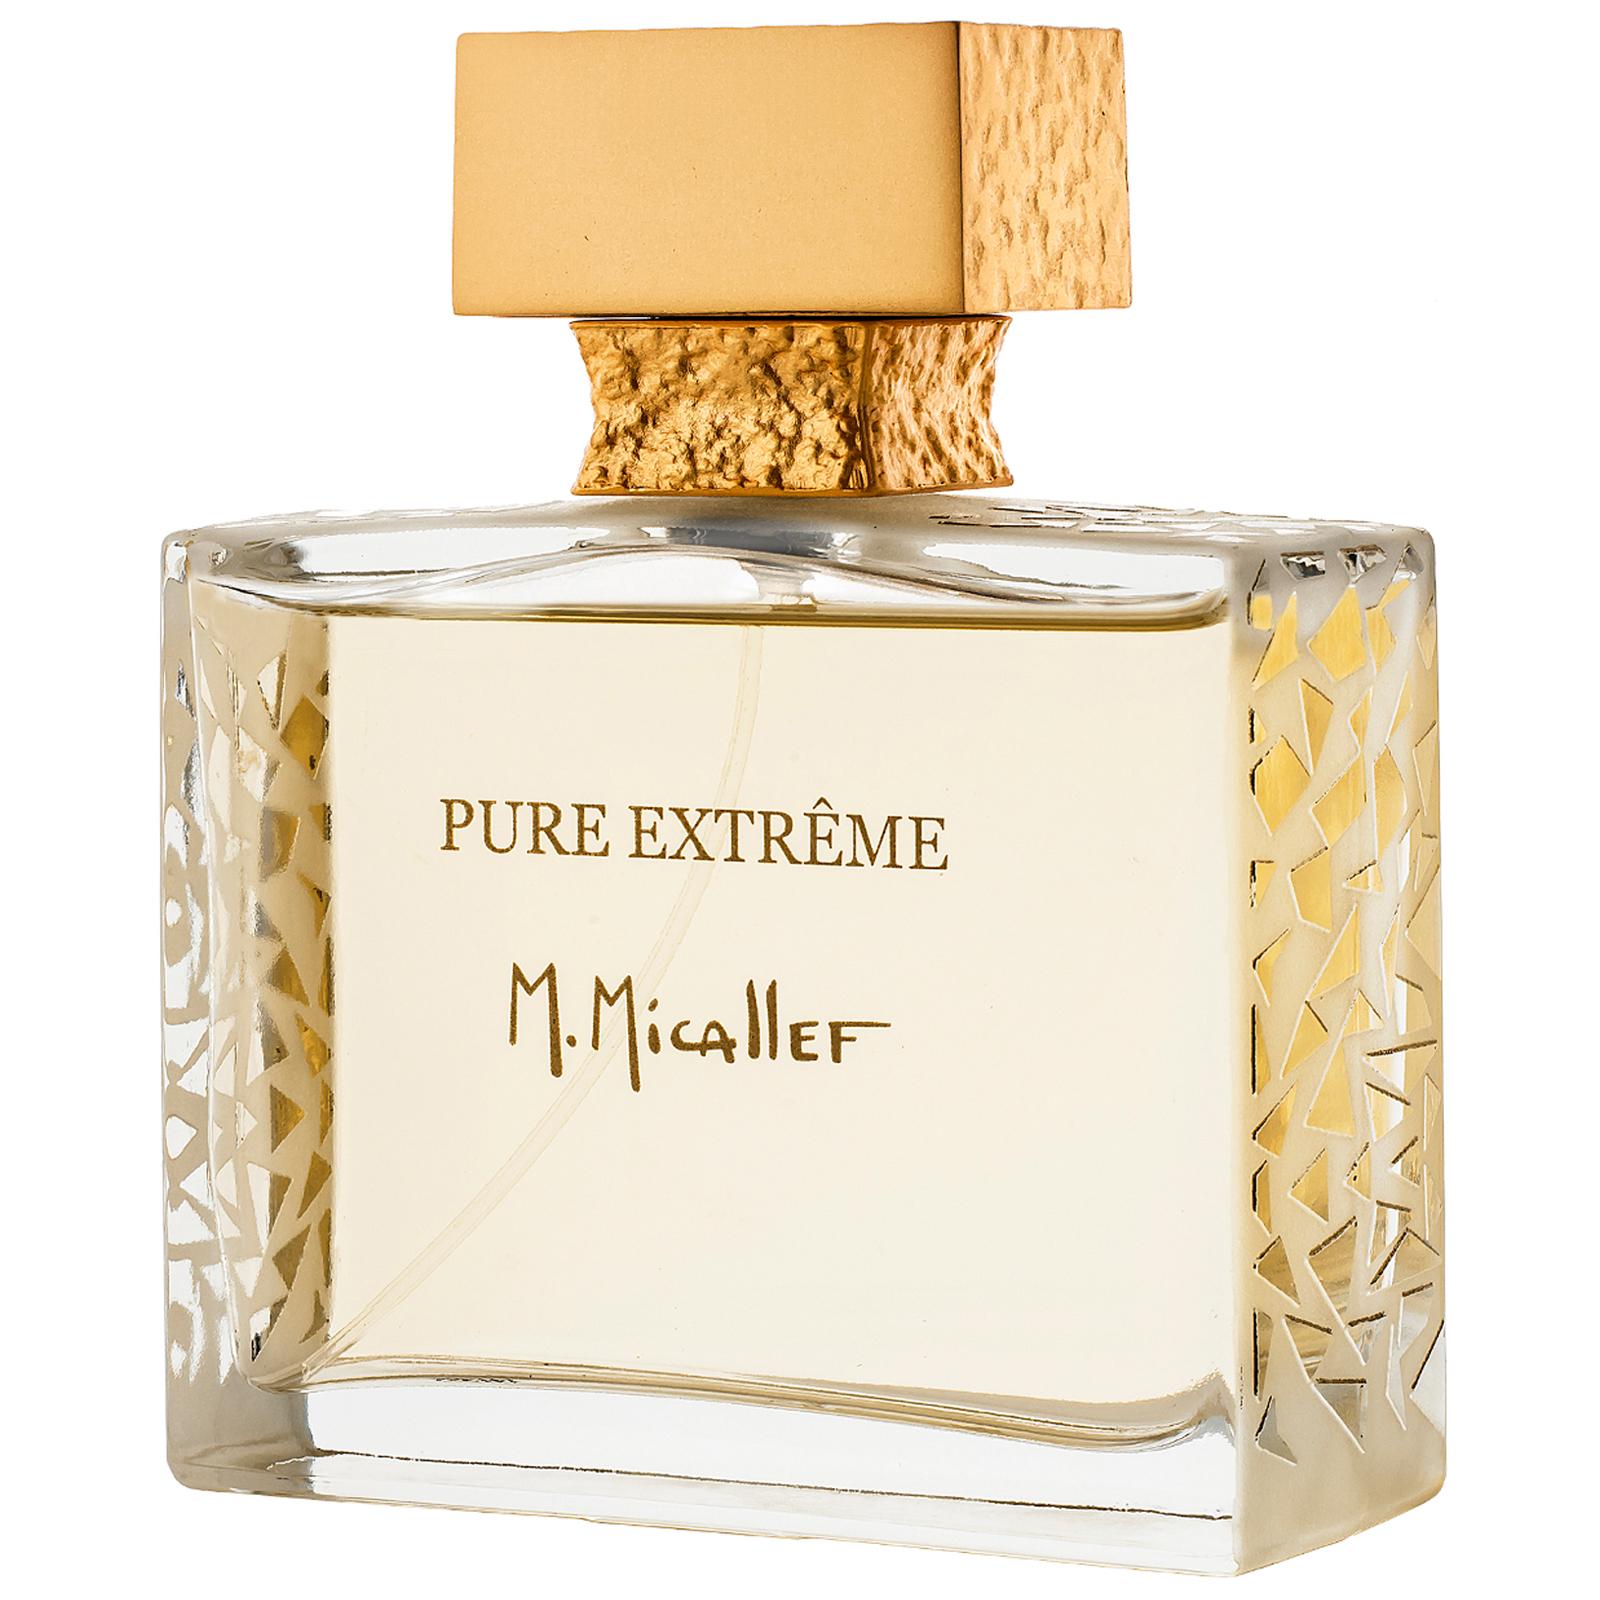 Pure extreme profumo eau de parfum 100 ml